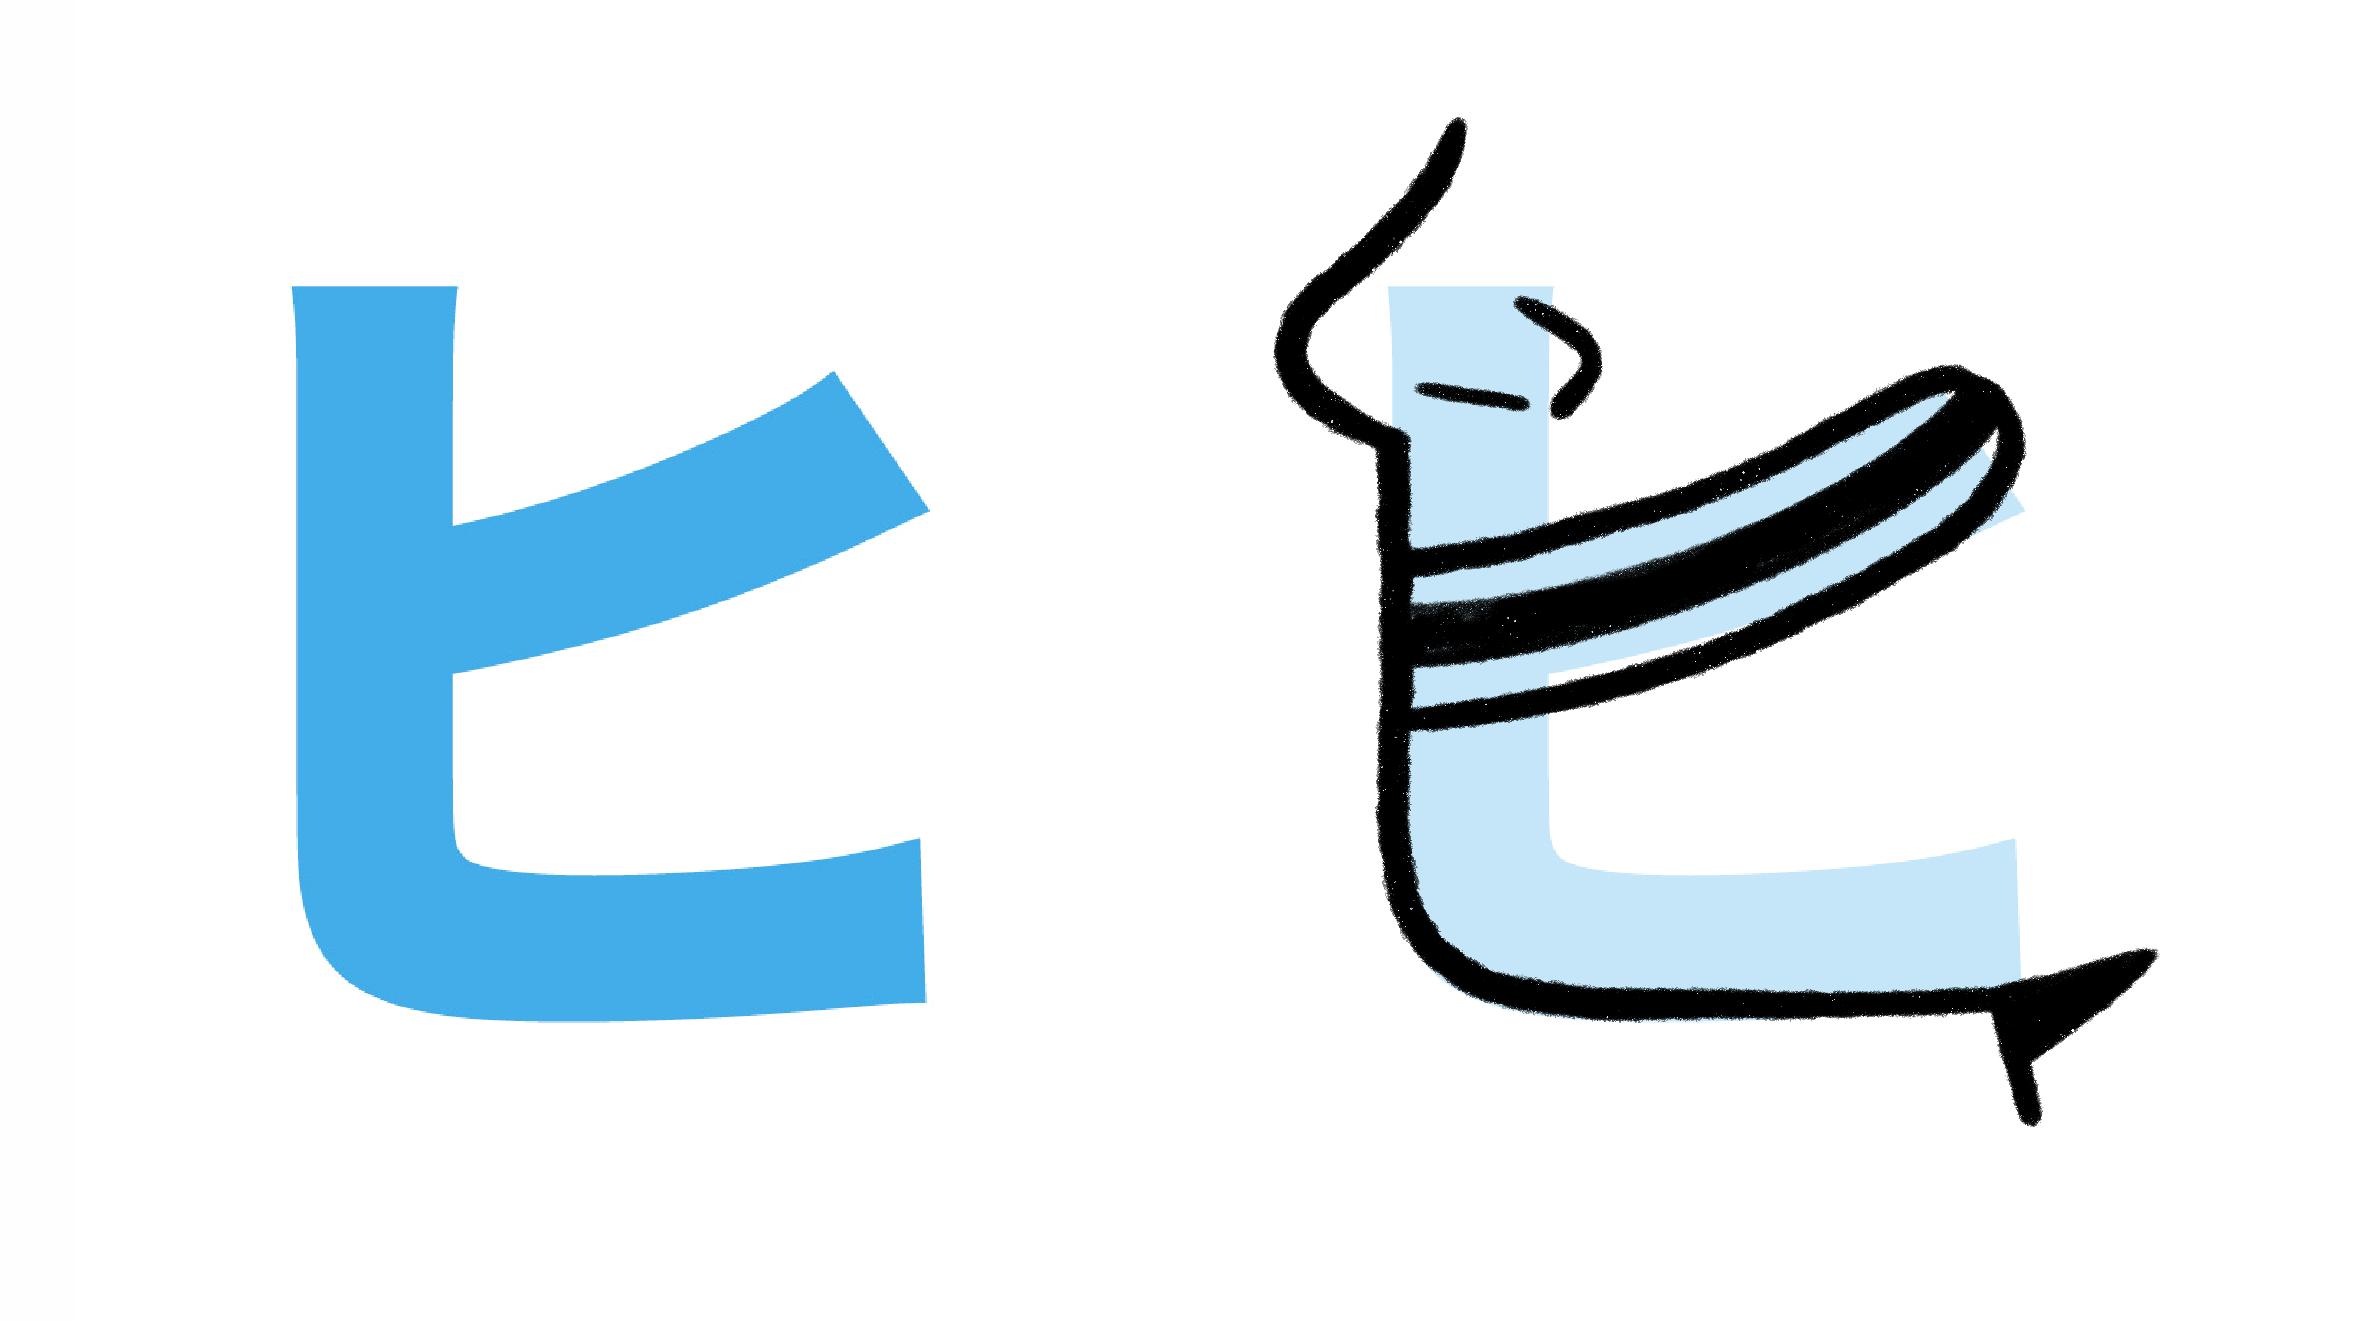 Katakana character ヒ mnemonic